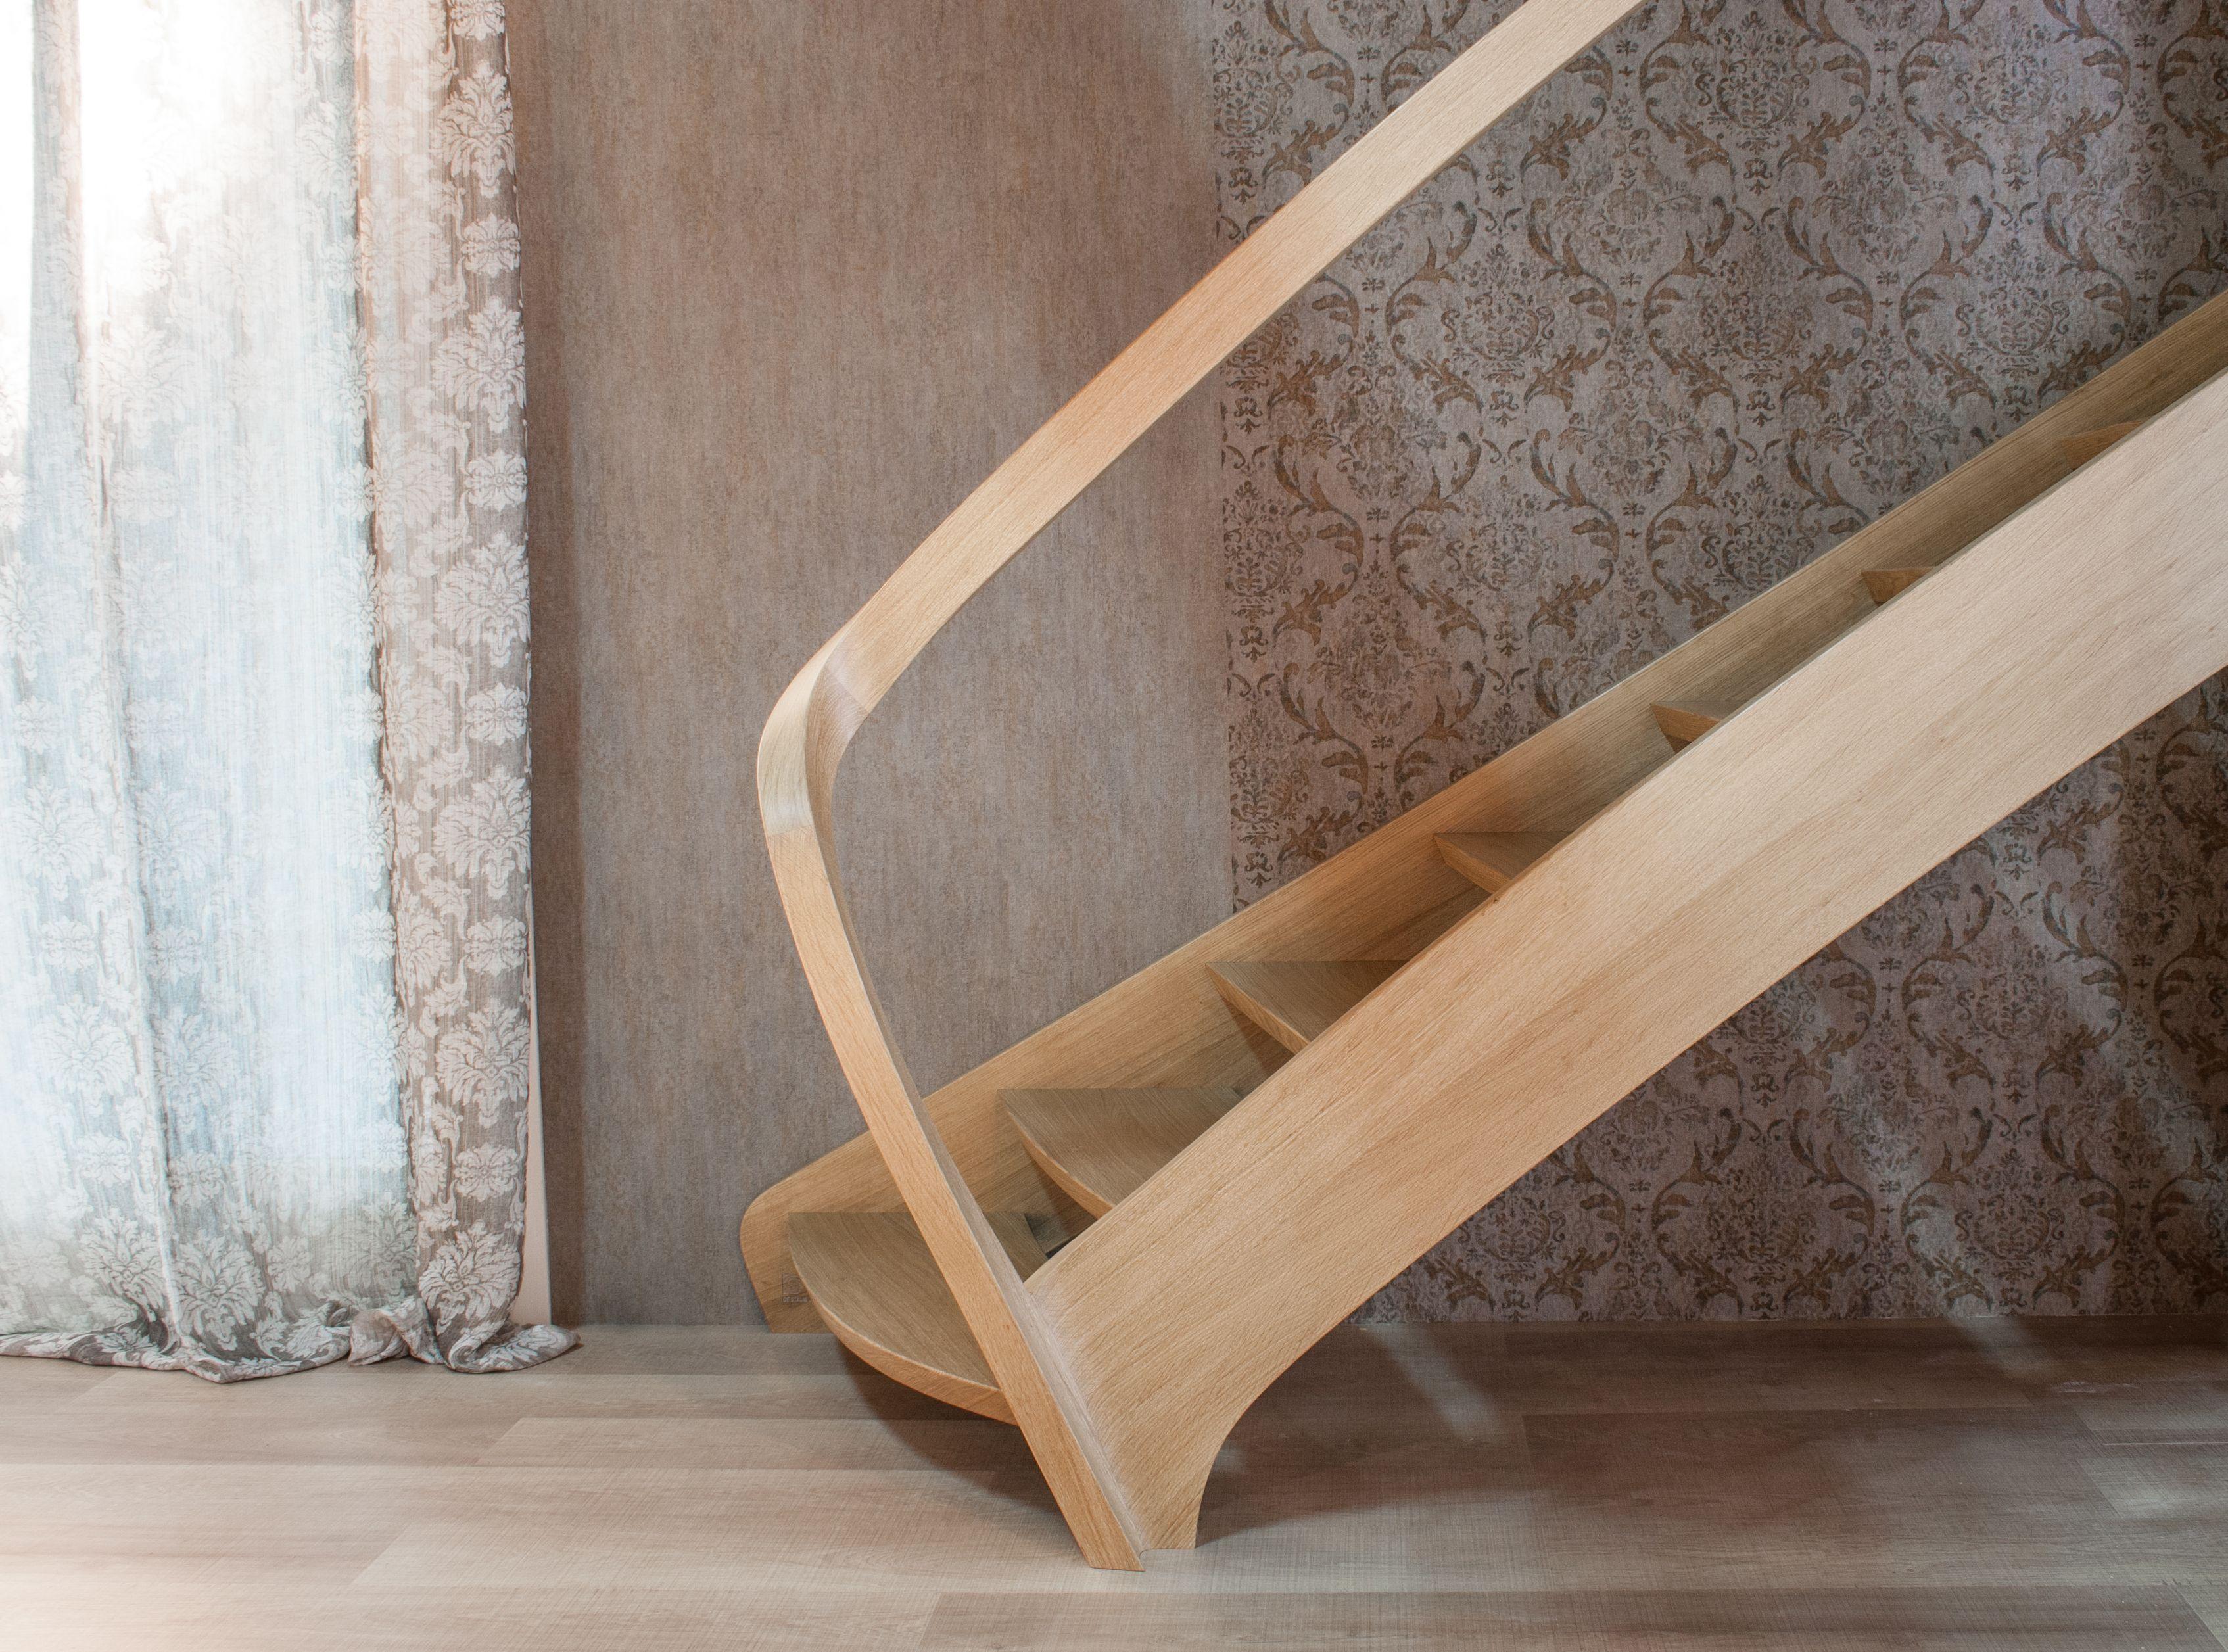 Liberty ispiration wood stair. Scala in legno rovere trattato ad olio, linee essenziali, corrimano curvo massello. Produzione artigianale by DE STALIS - Italy.